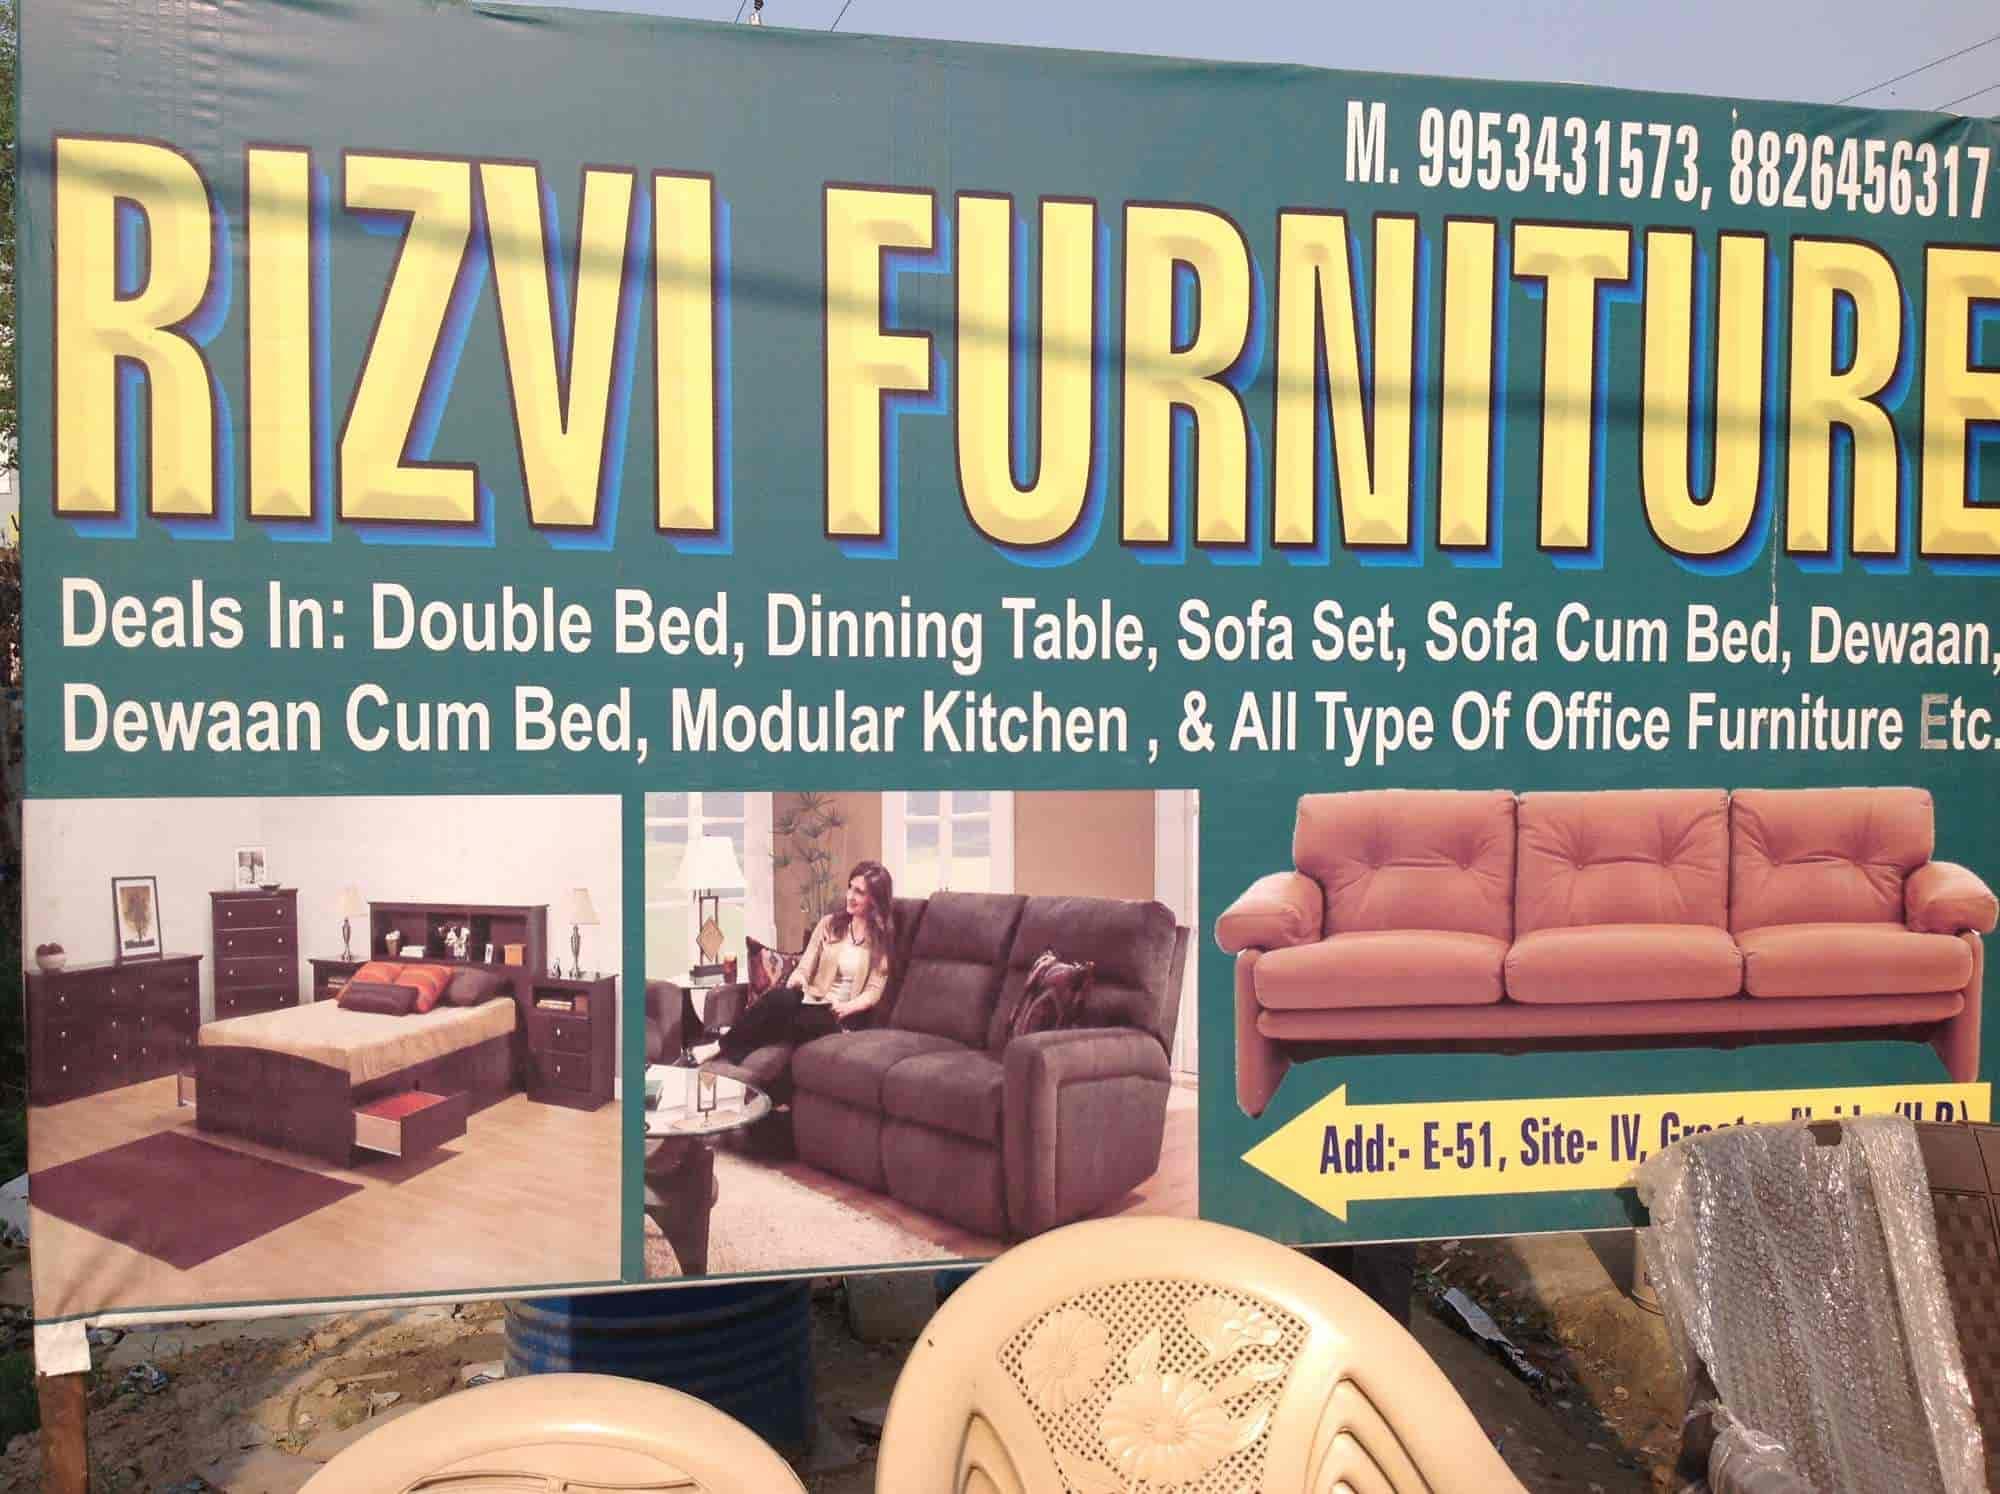 Rizvi Furniture, Greater - Rijvi Furniture - Furniture Dealers in ...